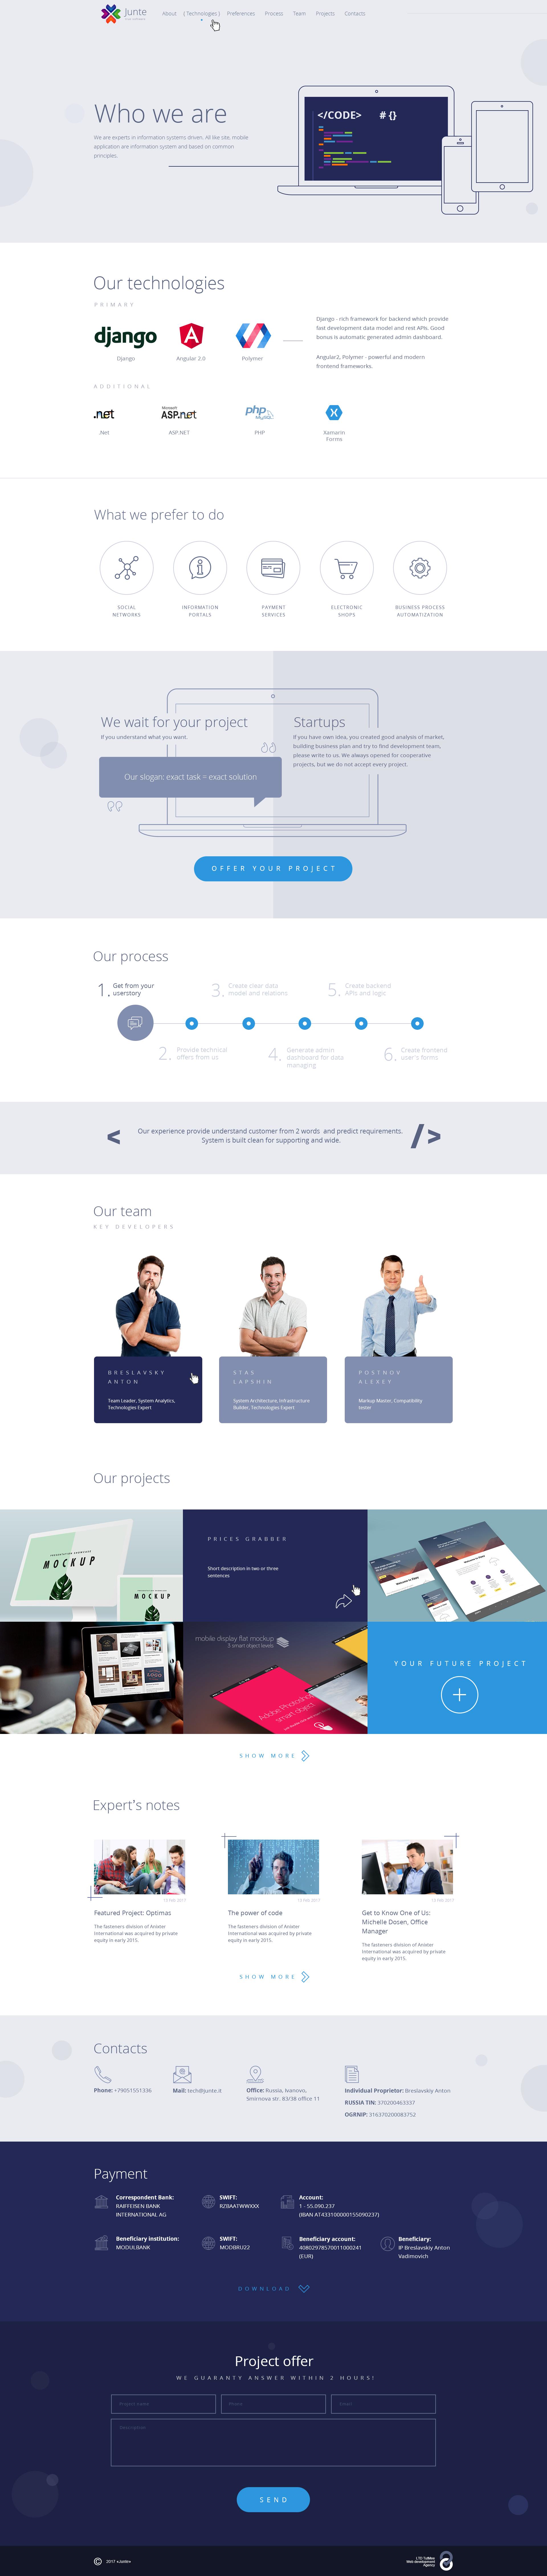 Адаптивный дизайн landing page Junte